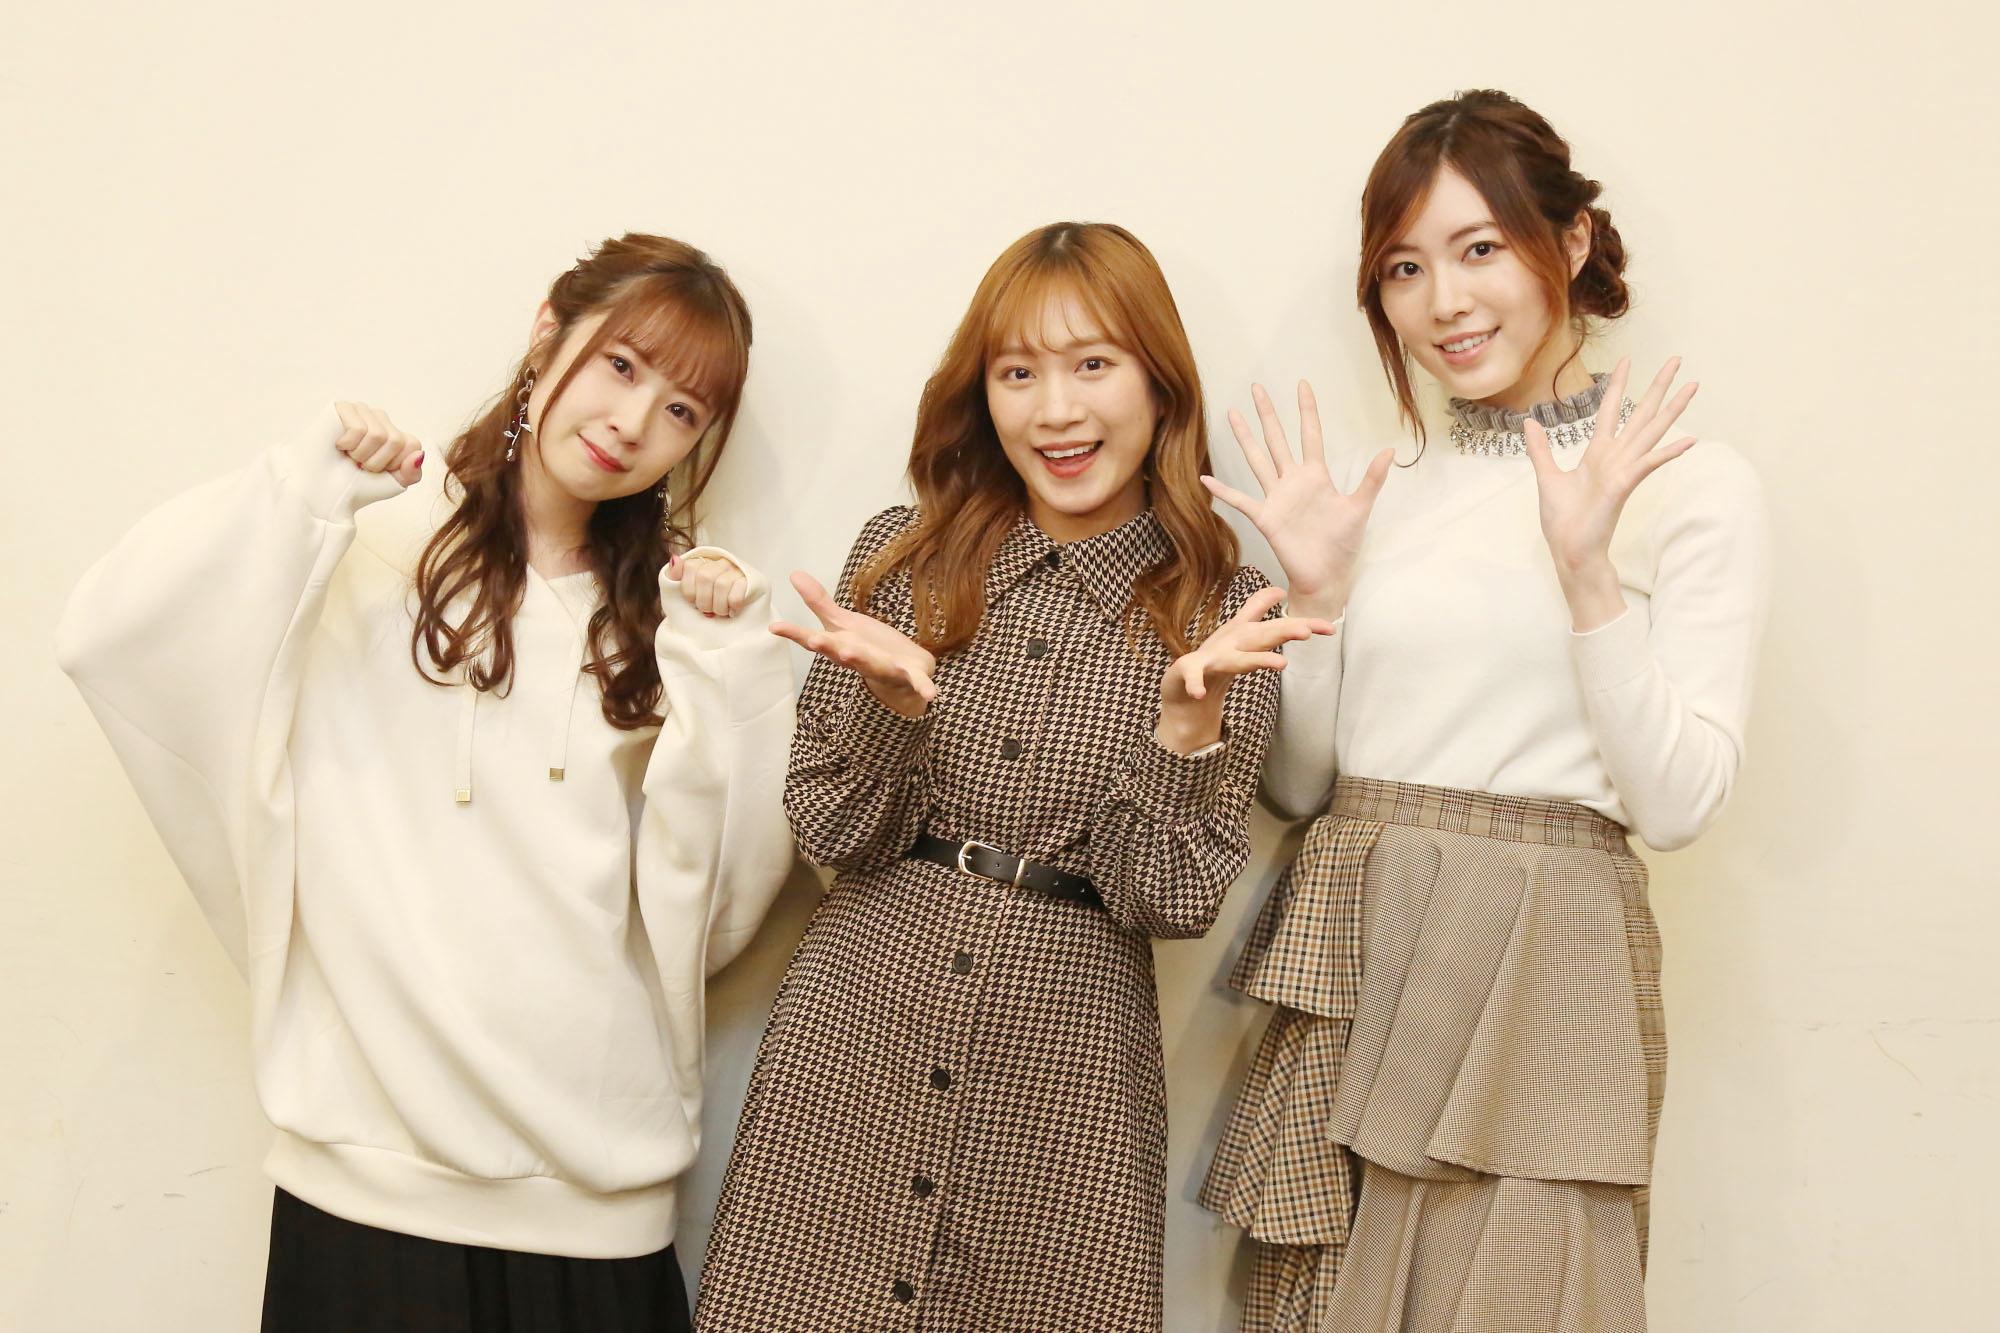 左から高柳明音(2期生)、斉藤真木子(2期生)、松井珠理奈(1期生) ©2021 Zest,Inc.